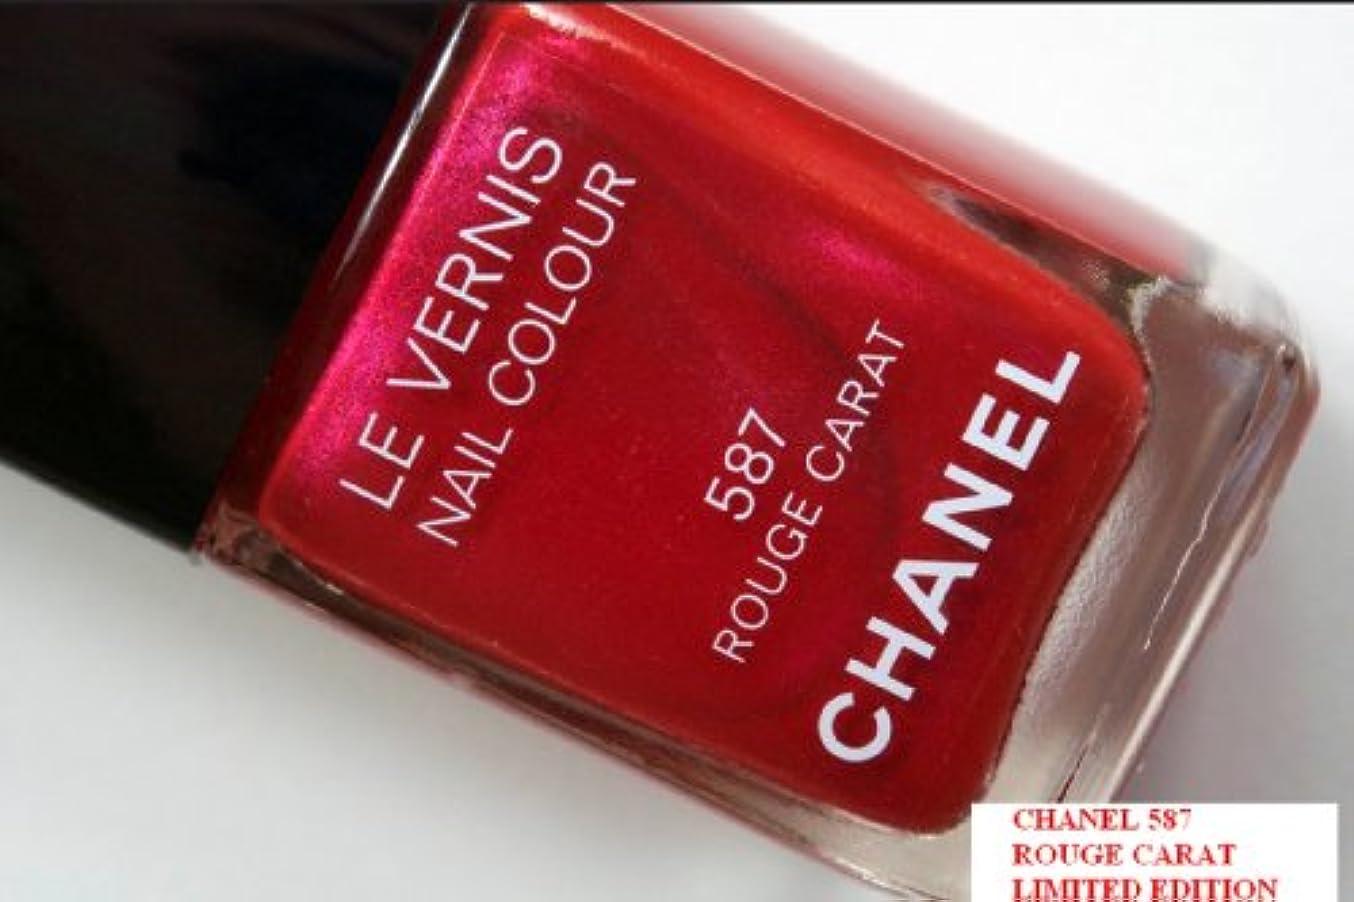 品種カウボーイ酸シャネル CHANEL ヴェルニ (ネイルエナメル) 587